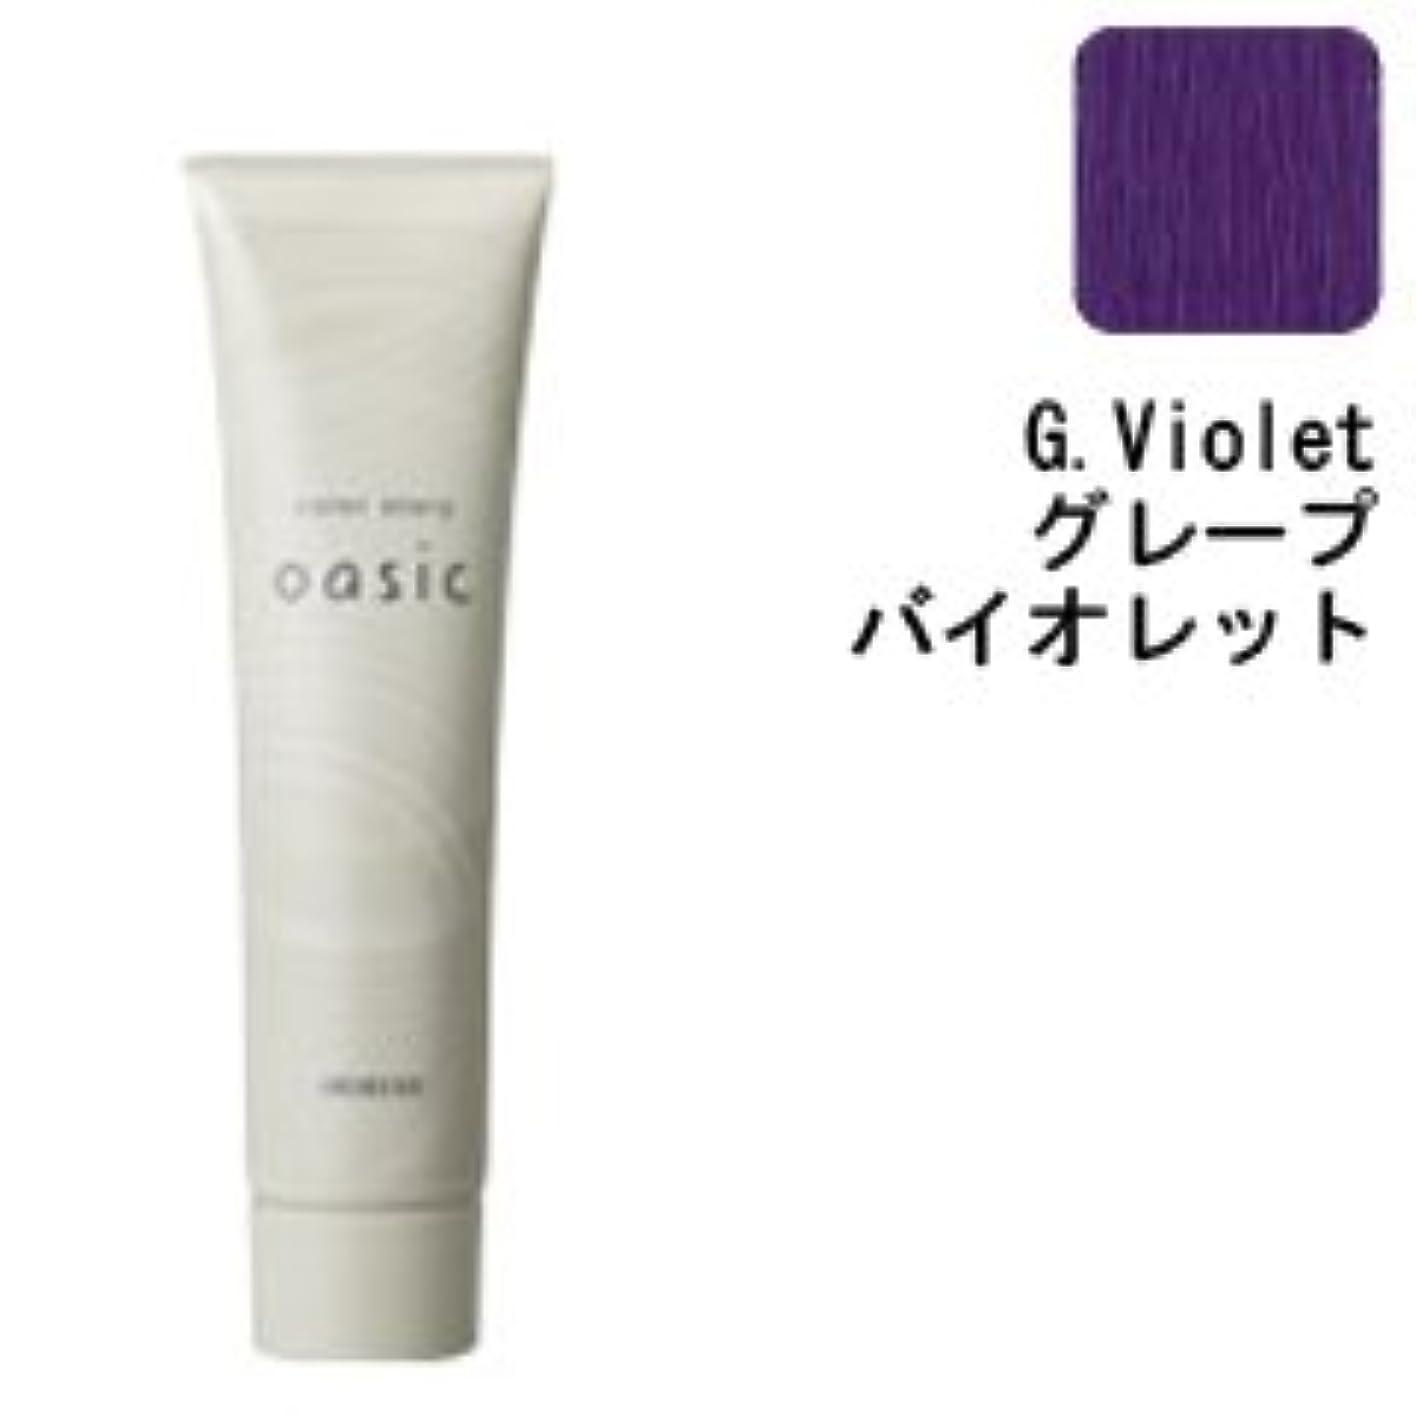 赤外線またはどちらかサンドイッチ【アリミノ】カラーストーリー オアシック G.Violet (グレープバイオレット) 150g